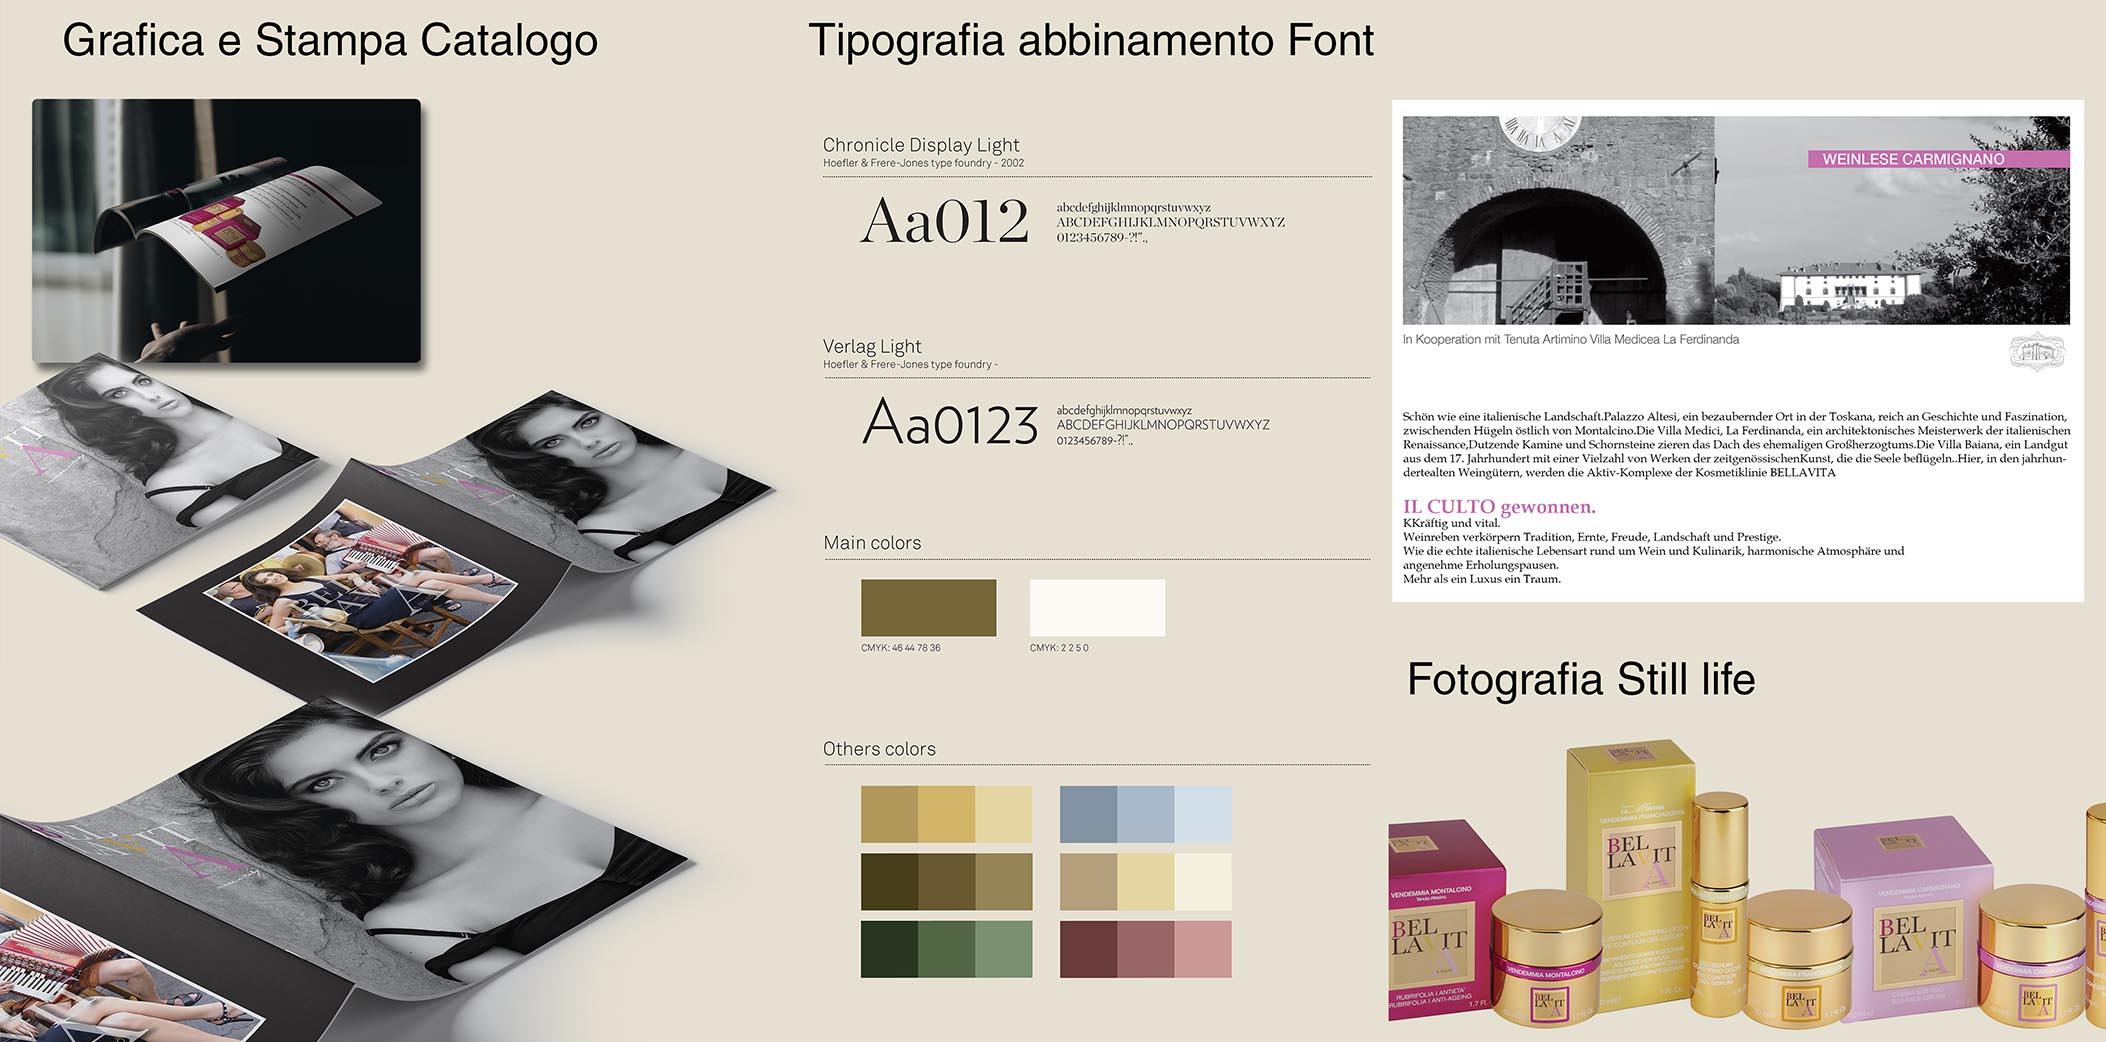 grafica-e-stampa